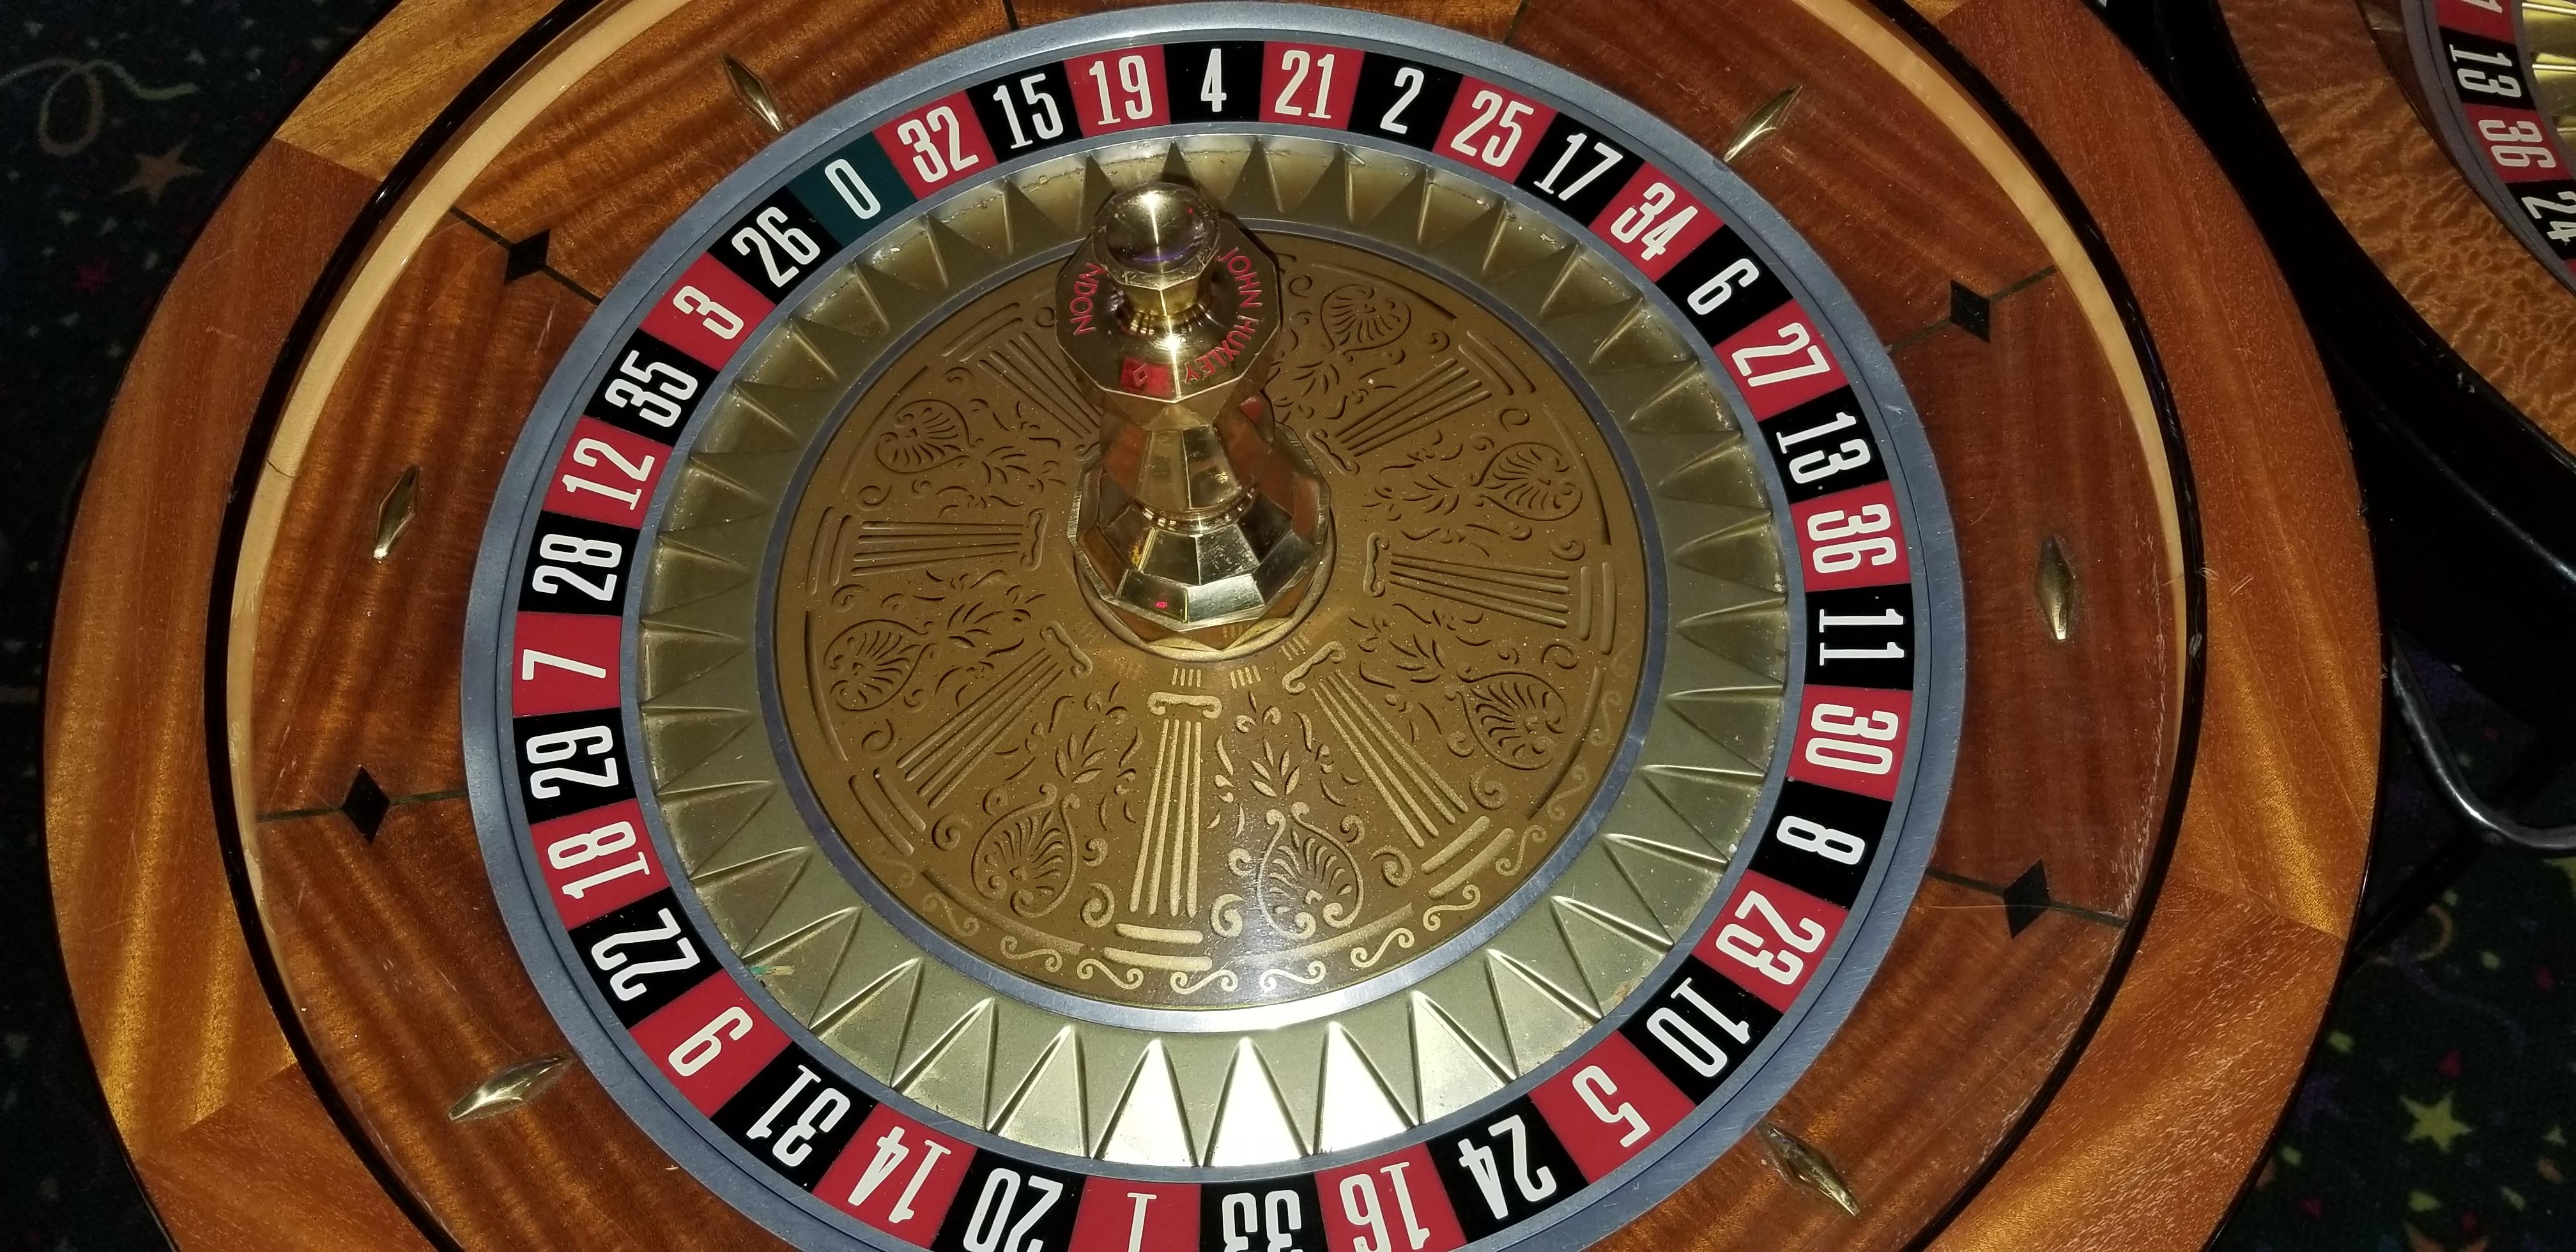 Roulete Wheel